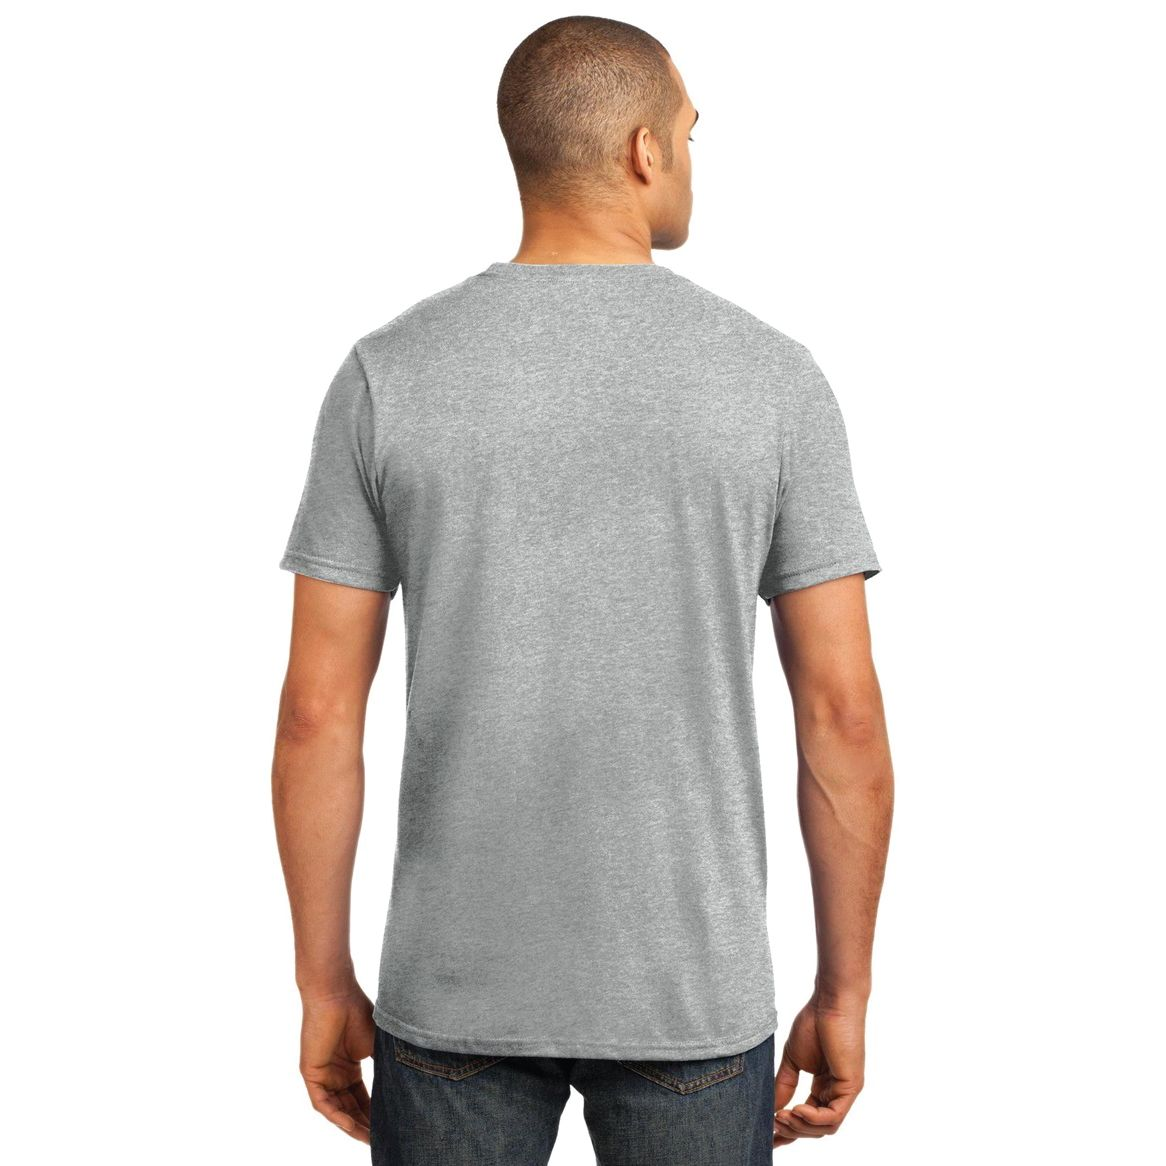 Anvil 980 Adult Lightweight T Shirt